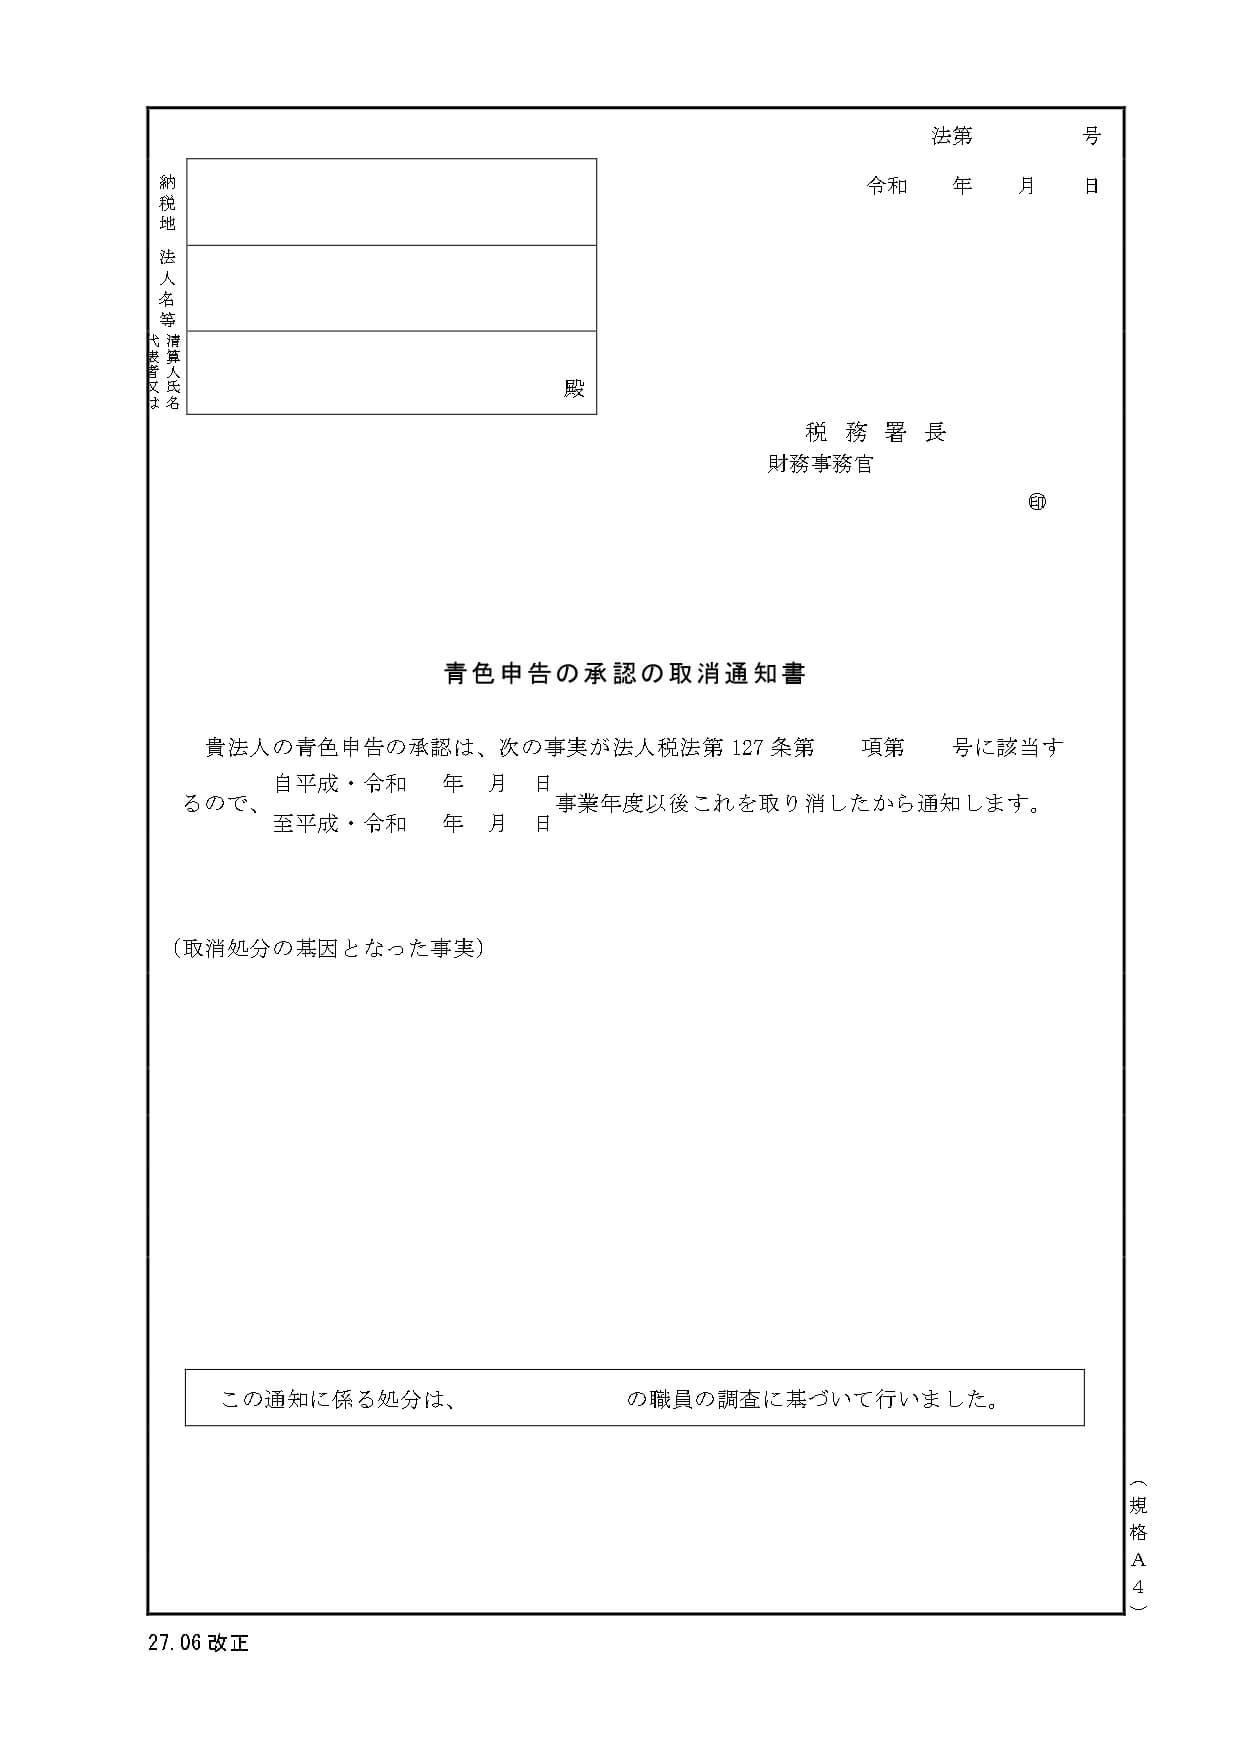 個人事業主が青色申告を取り消されるケースと再申請の手続き